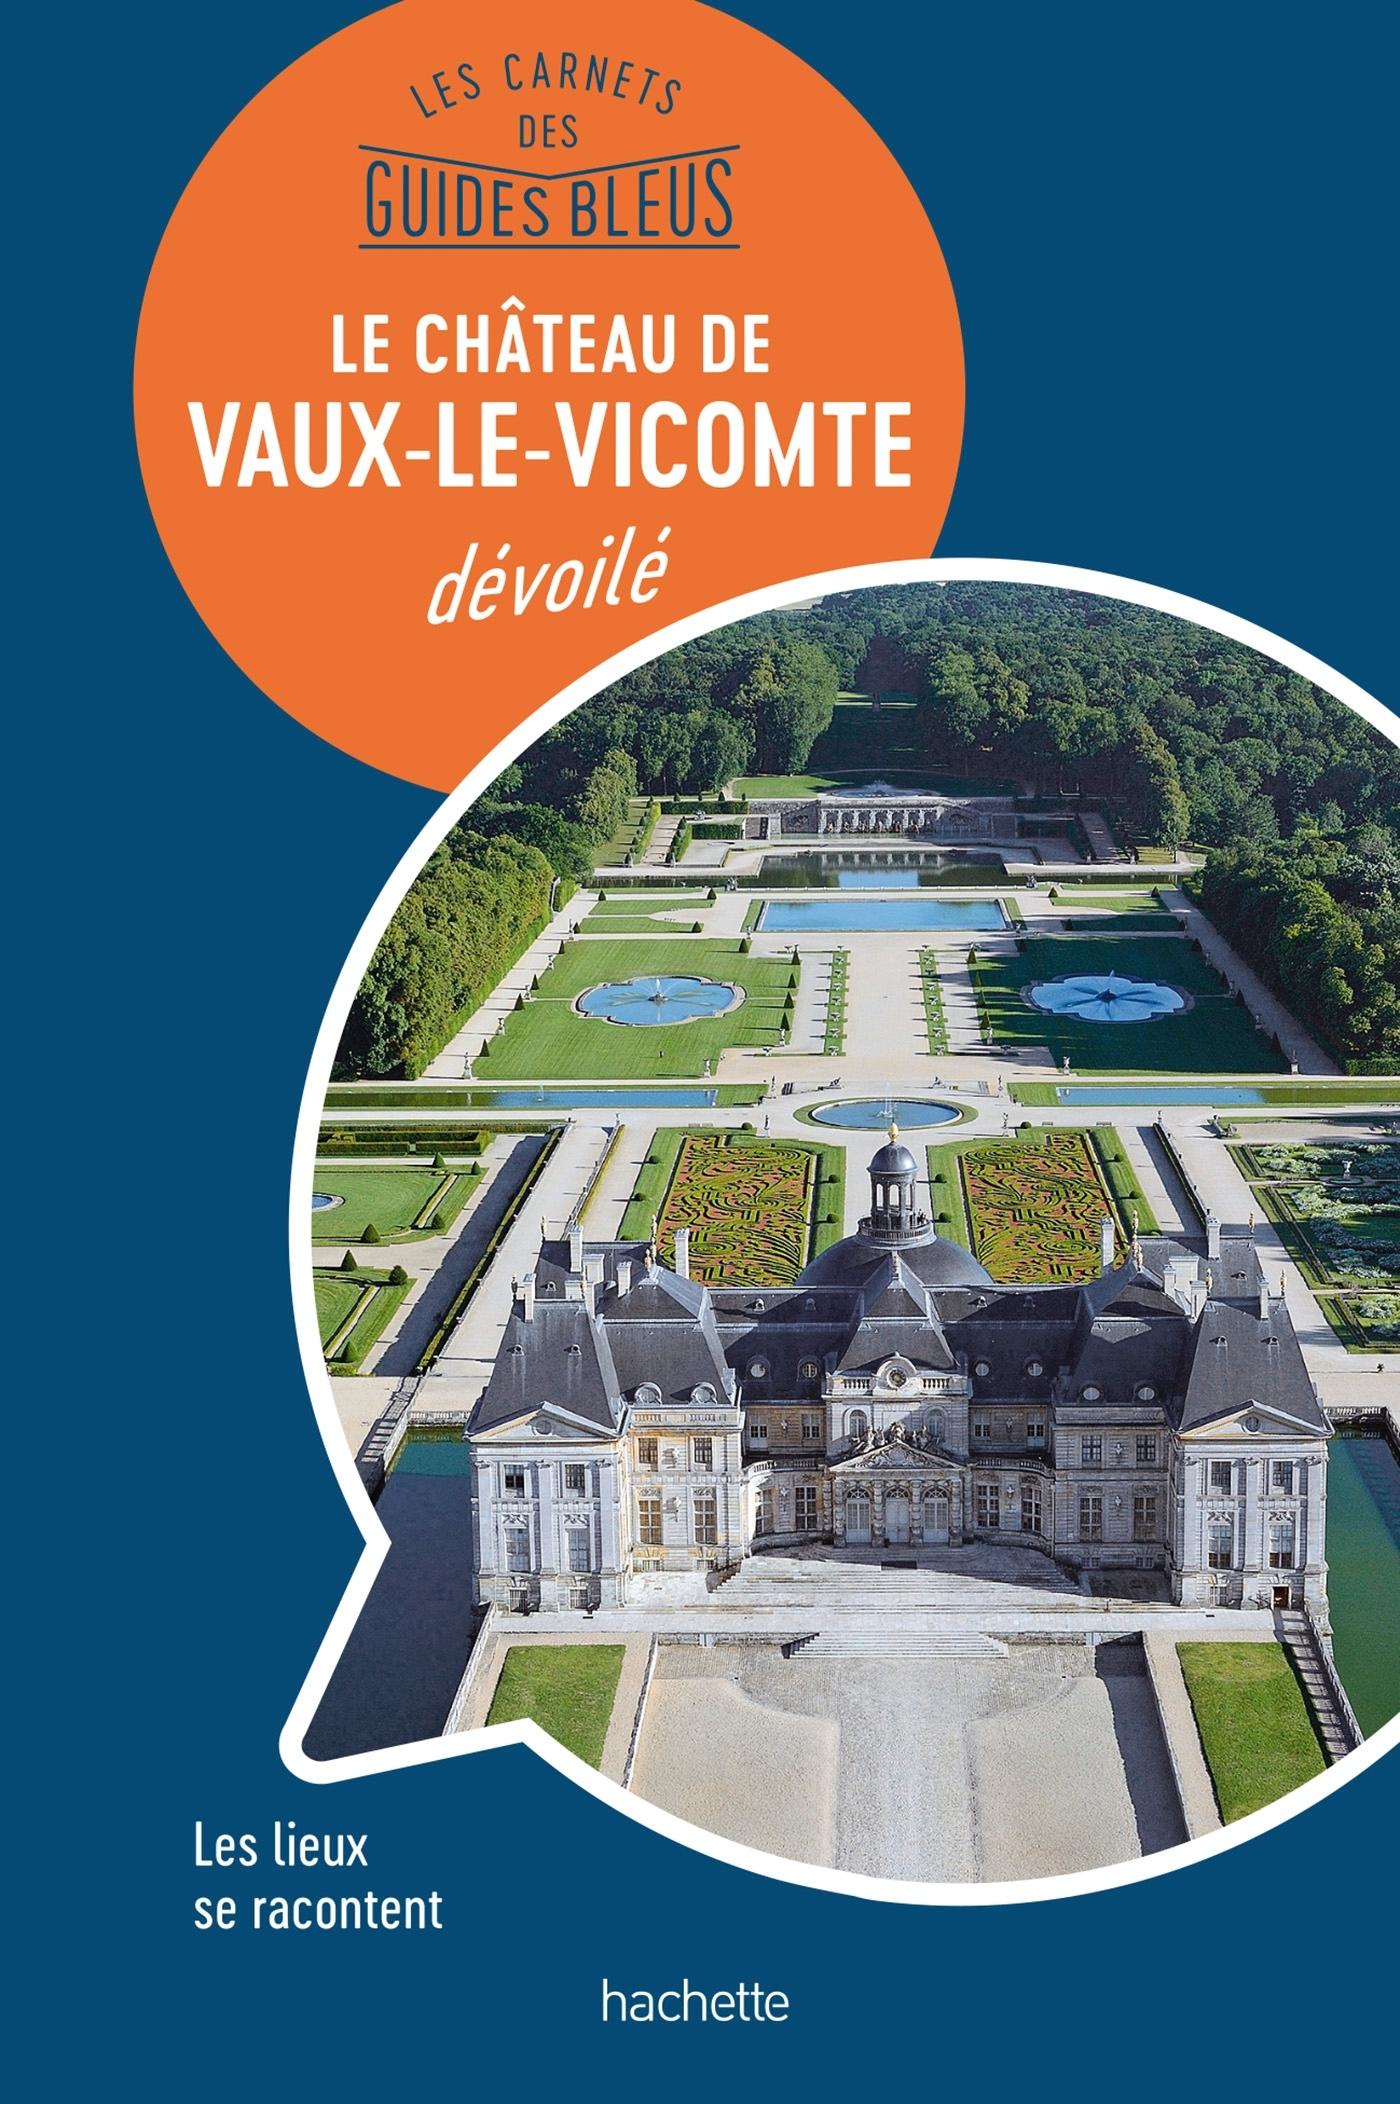 CHATEAU DE VAUX-LE-VICOMTE : LES CARNETS DES GUIDES BLEUS